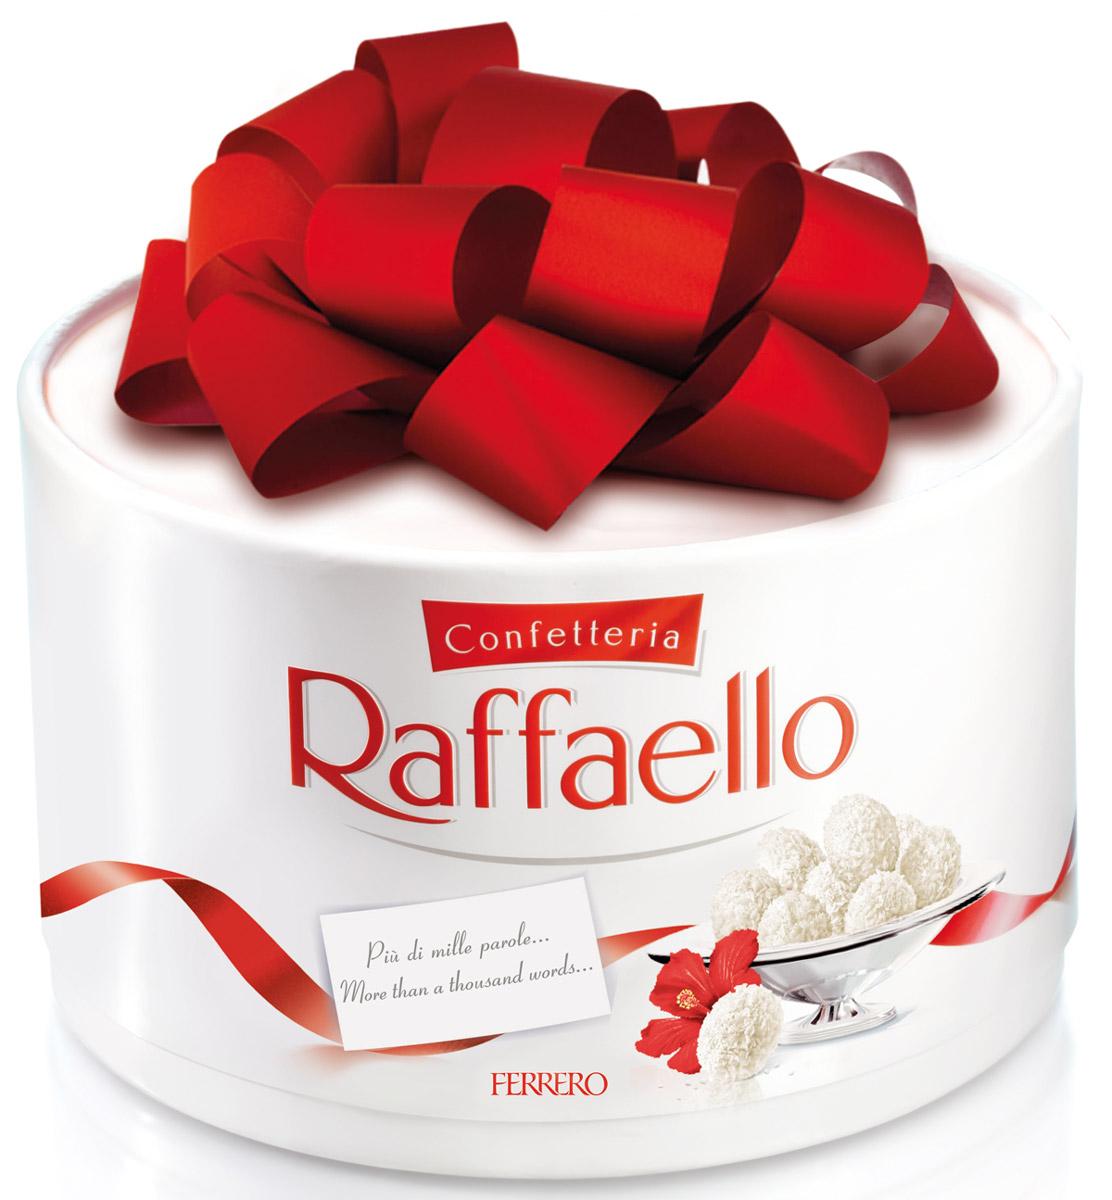 Raffaello конфеты с цельным миндальным орехом в кокосовой обсыпке, 100 г77115553/77098329/77070943Raffaello — это цельный миндальный орех и нежнейший молочный крем в хрустящей вафельной оболочке, покрытой кокосовыми хлопьями. Романтический подарок, который поможет вам выразить свои чувства!Самые известные и любимые конфеты в России, уже ставшие неотъемлемой частью жизни российских потребителей. Такой успех стал возможным благодаря множеству факторов, но прежде всего — благодаря уникальному сочетанию неповторимого вкуса, изысканной белоснежной упаковки и, конечно, романтического имиджа.